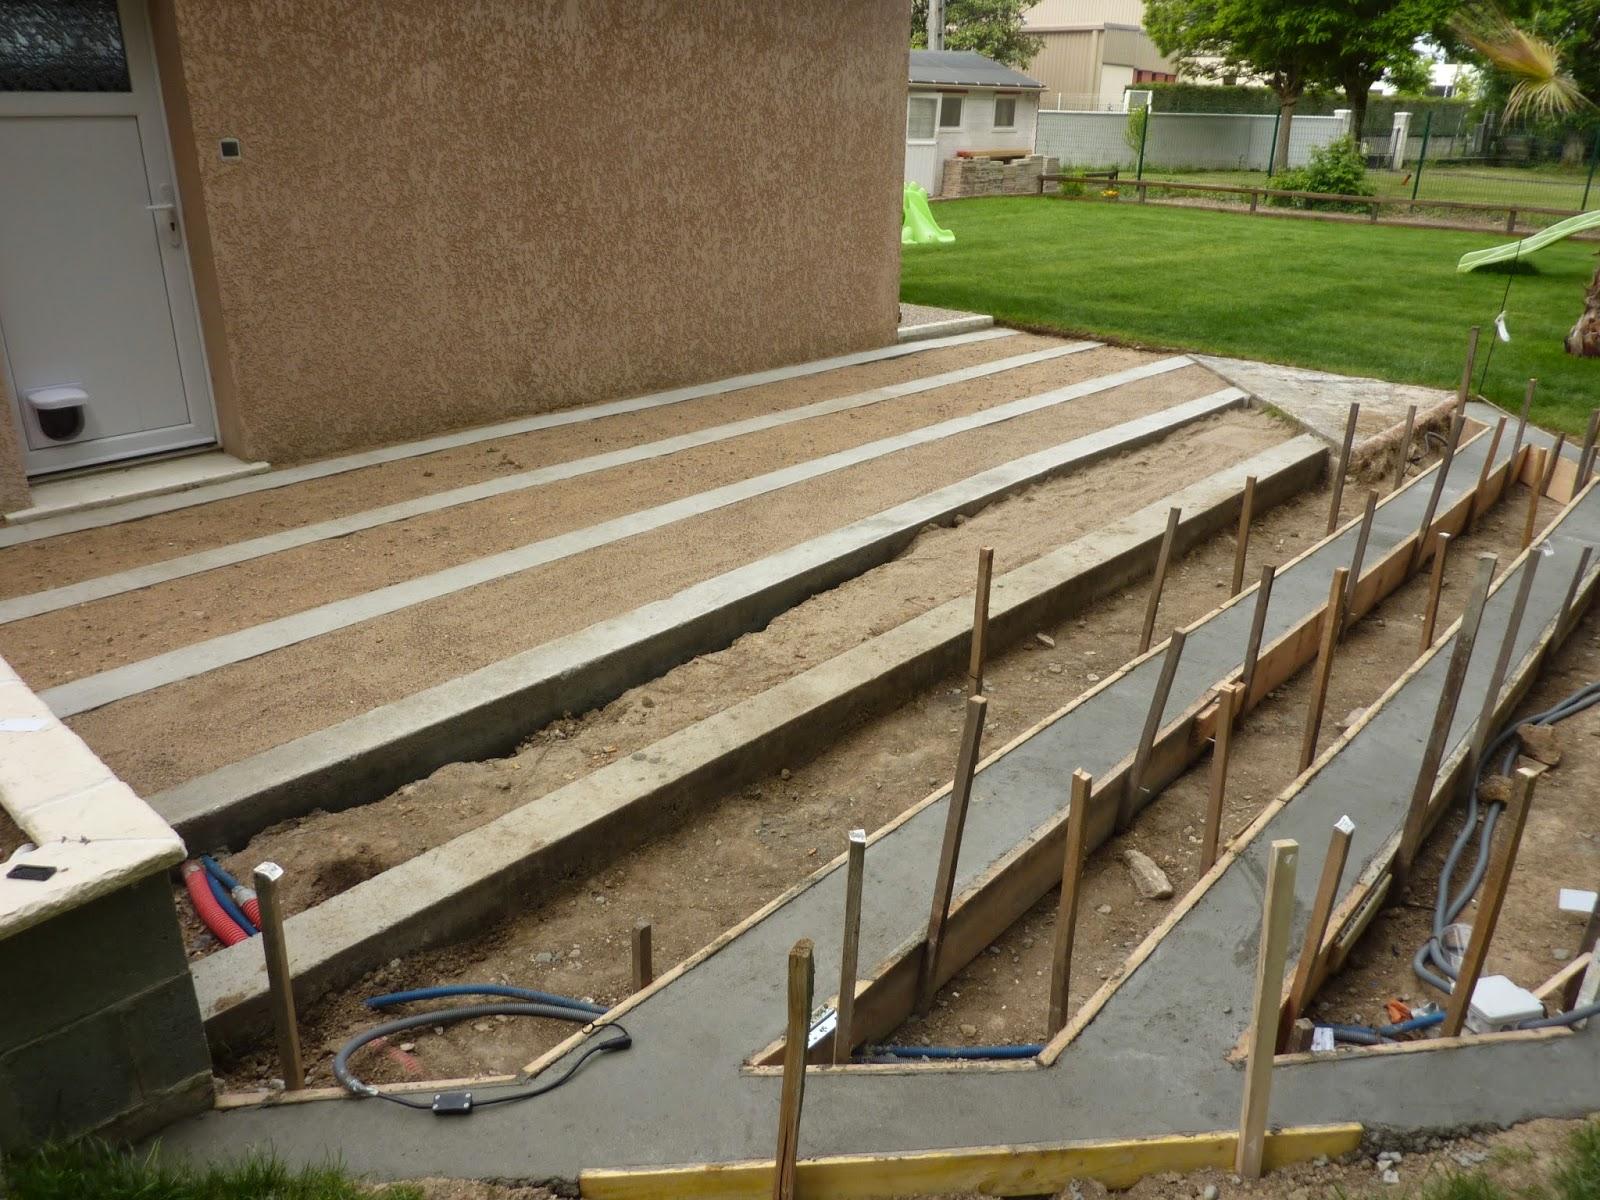 Comment faire un coffrage en bois pour fondation